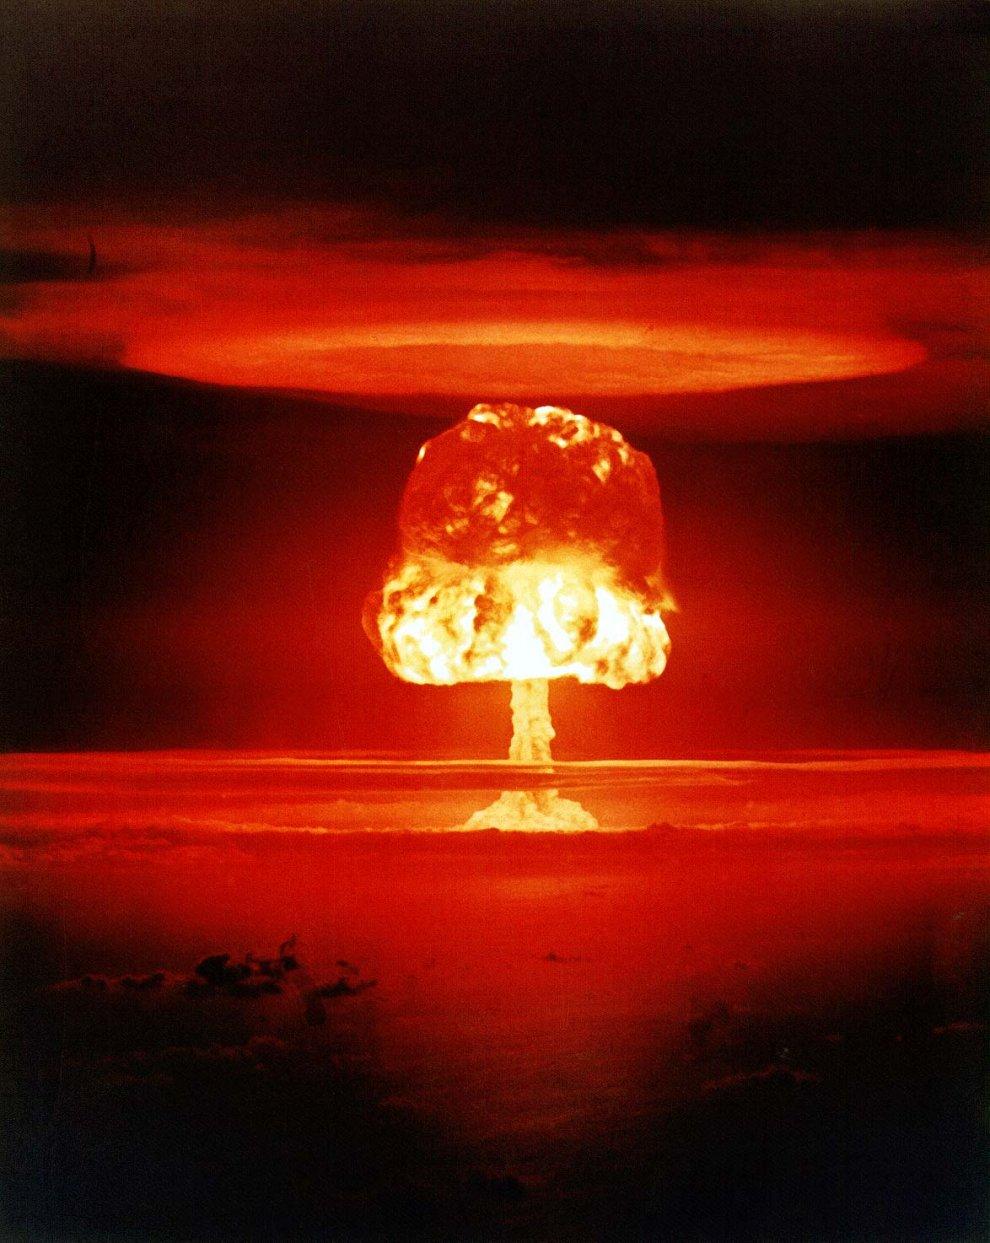 Ядерная бомба картинки